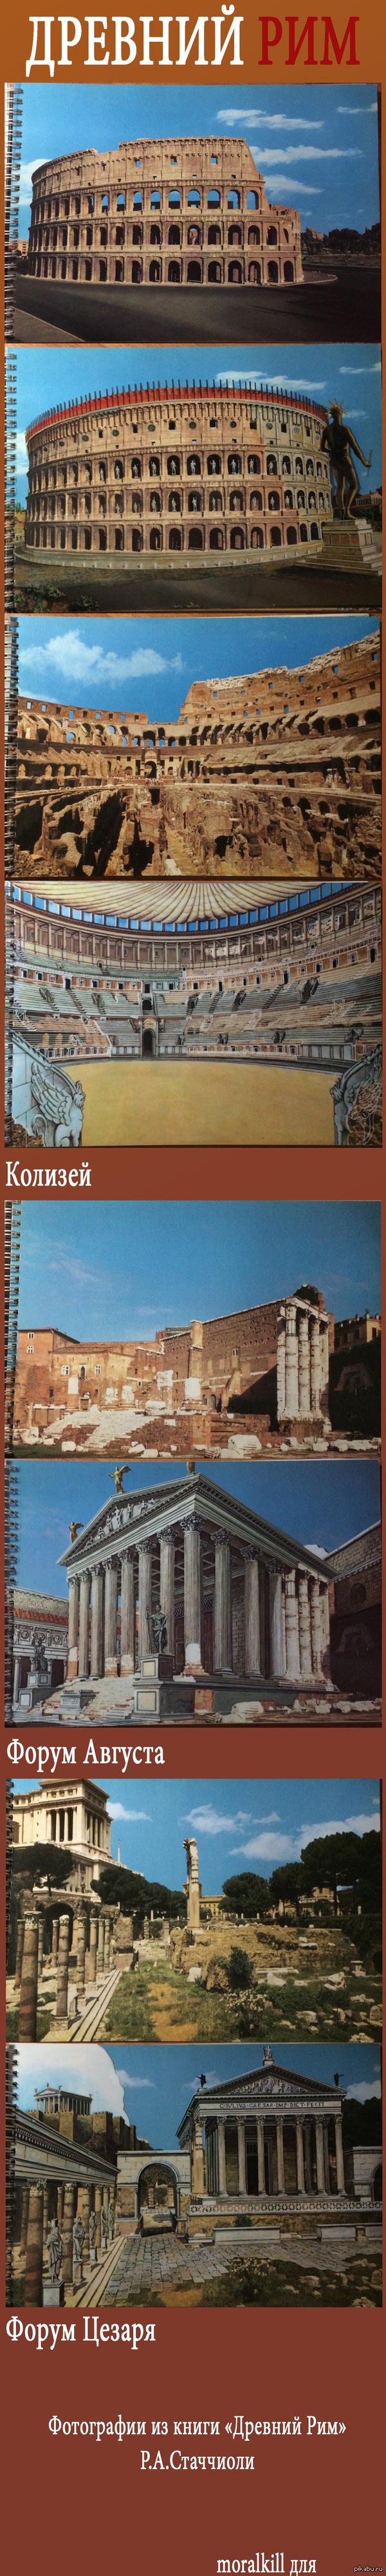 """��������� ���������� ��� ������� ��� �� ������� �����: <a href=""""http://pikabu.ru/story/neplokhoy_sposob_pokazat_kak_vyiglyadeli_drevnie_ruinyi_2793587"""">http://pikabu.ru/story/_2793587</a>  �����, ����������, ���, ��������, ���������, ����������"""